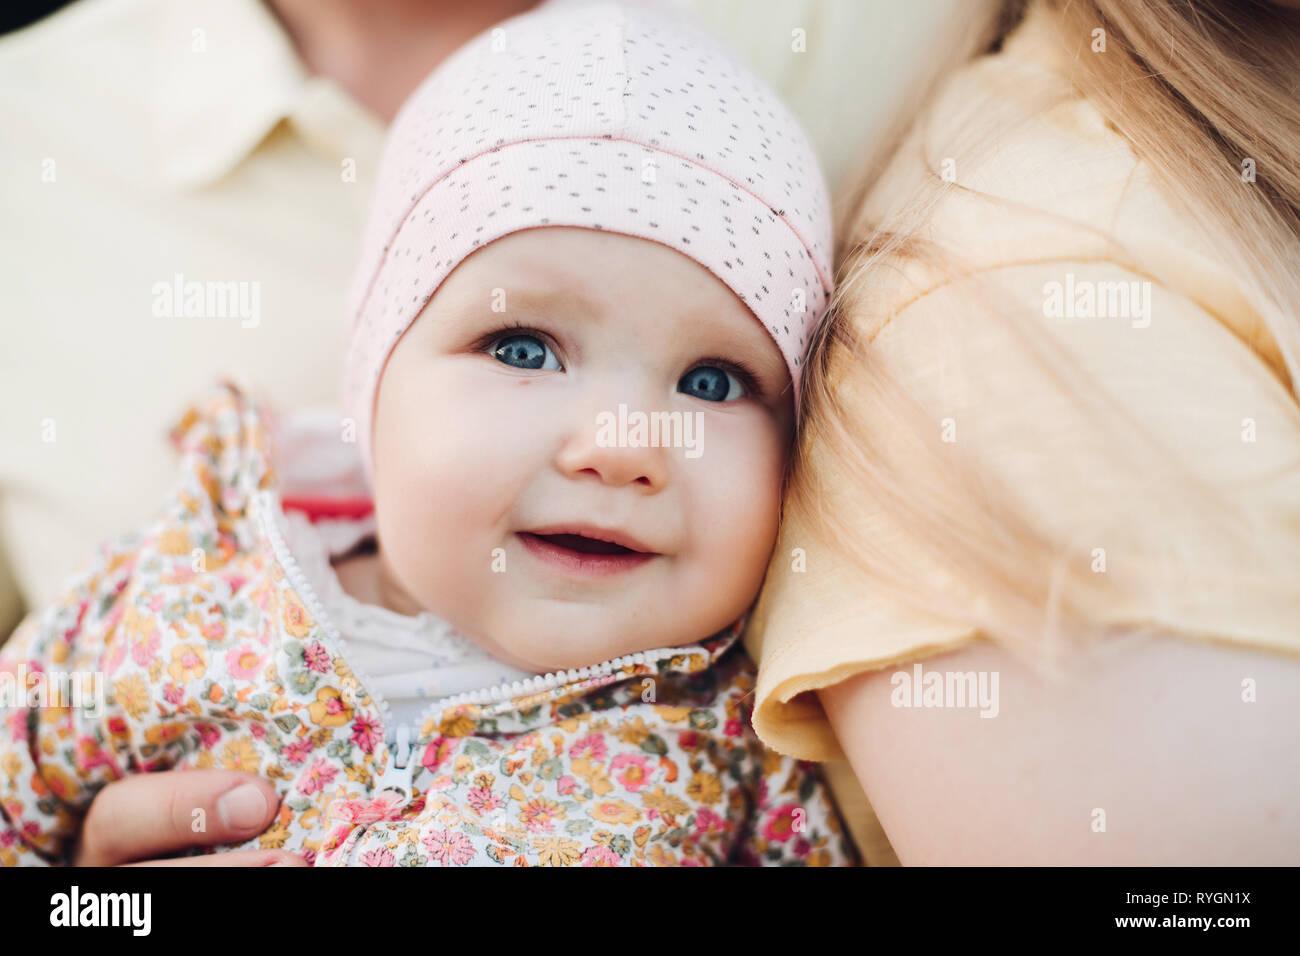 In der Nähe des Babys Gesicht überrascht mit leicht geöffnetem Mund. Stockfoto